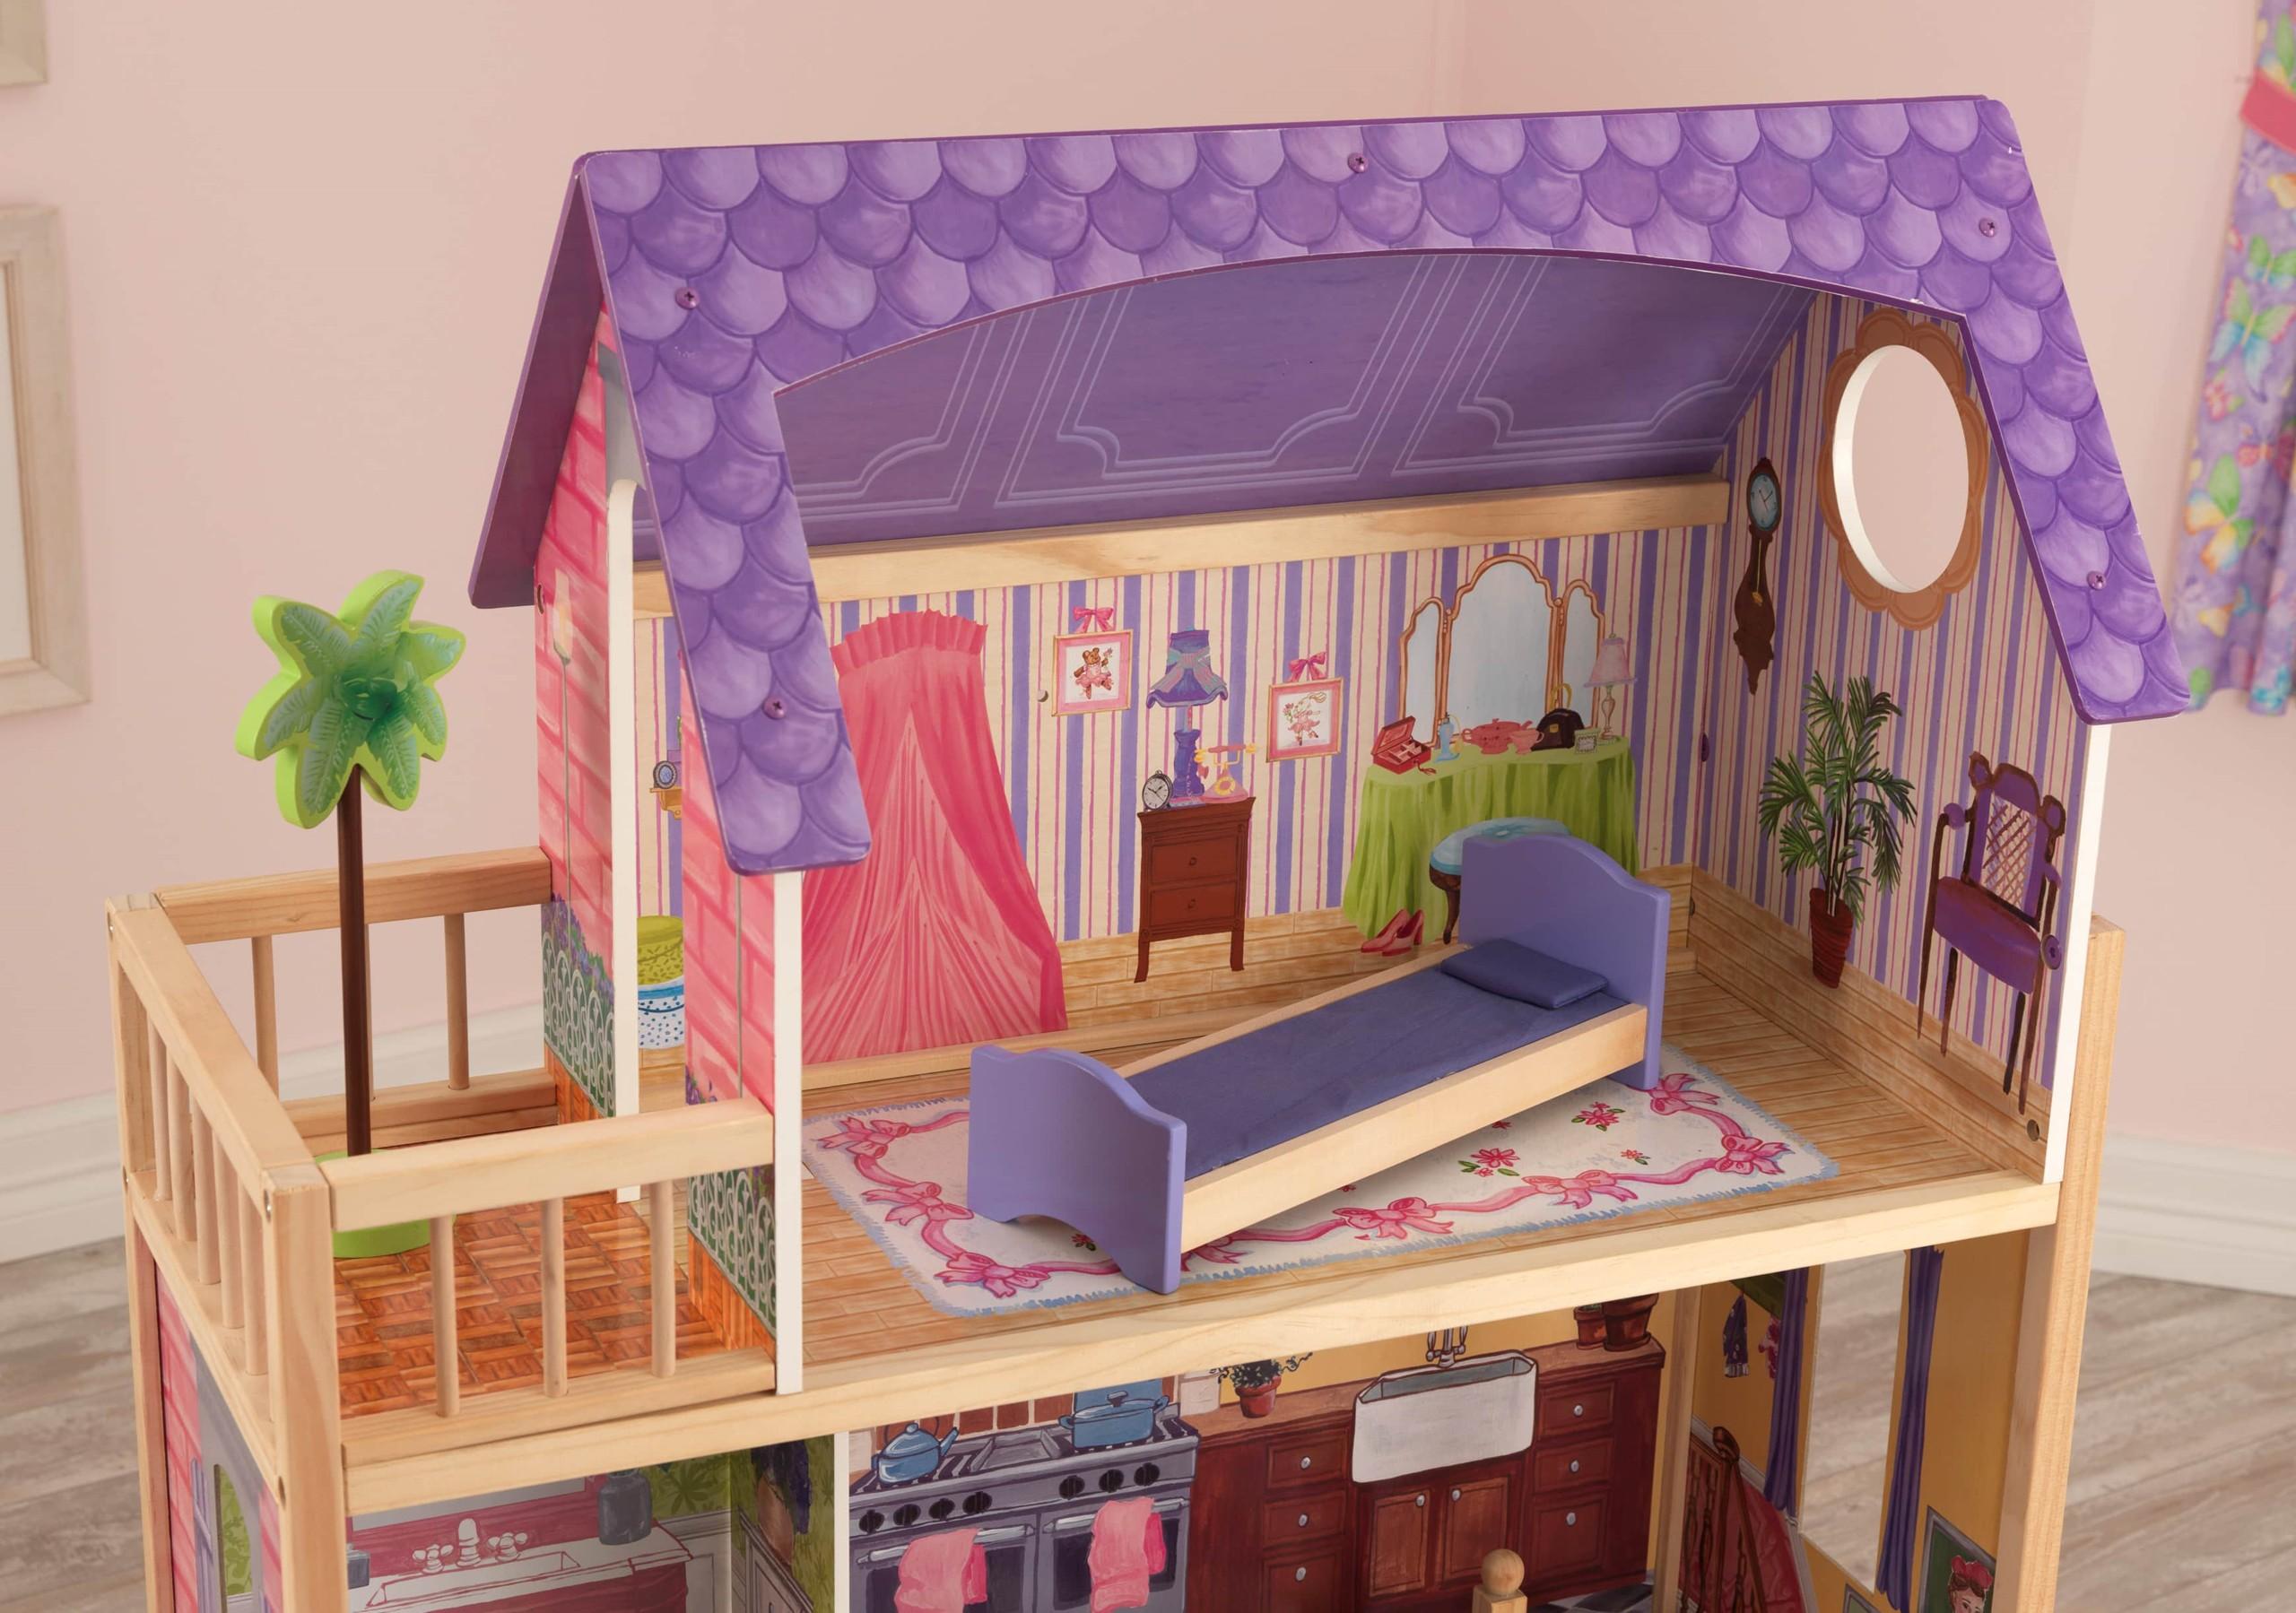 Къща за кукли от дърво – Кайла - Kidkraft дървени къщи за кукли(4)-bellamiestore